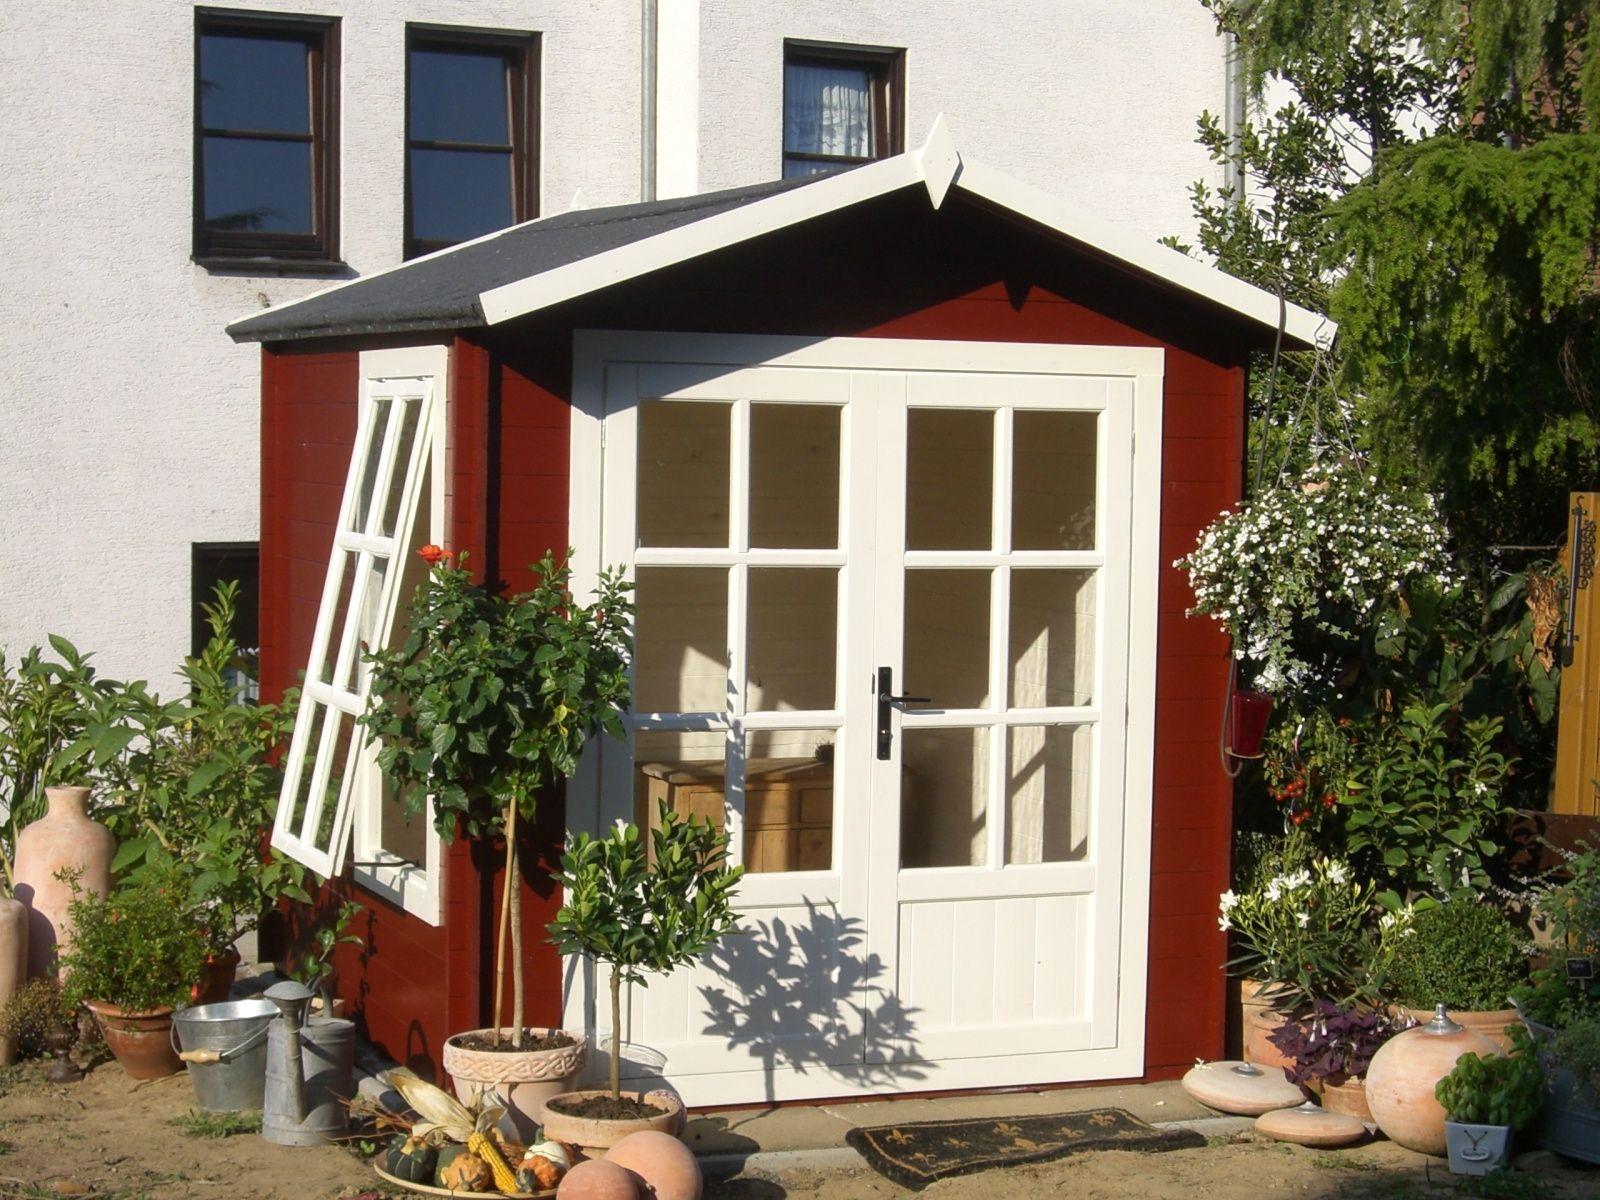 Schwedenhaus gartenhaus  Schwedenrot & stilvoll: Die schönsten Schwedenhaus-Gartenhäuser ...